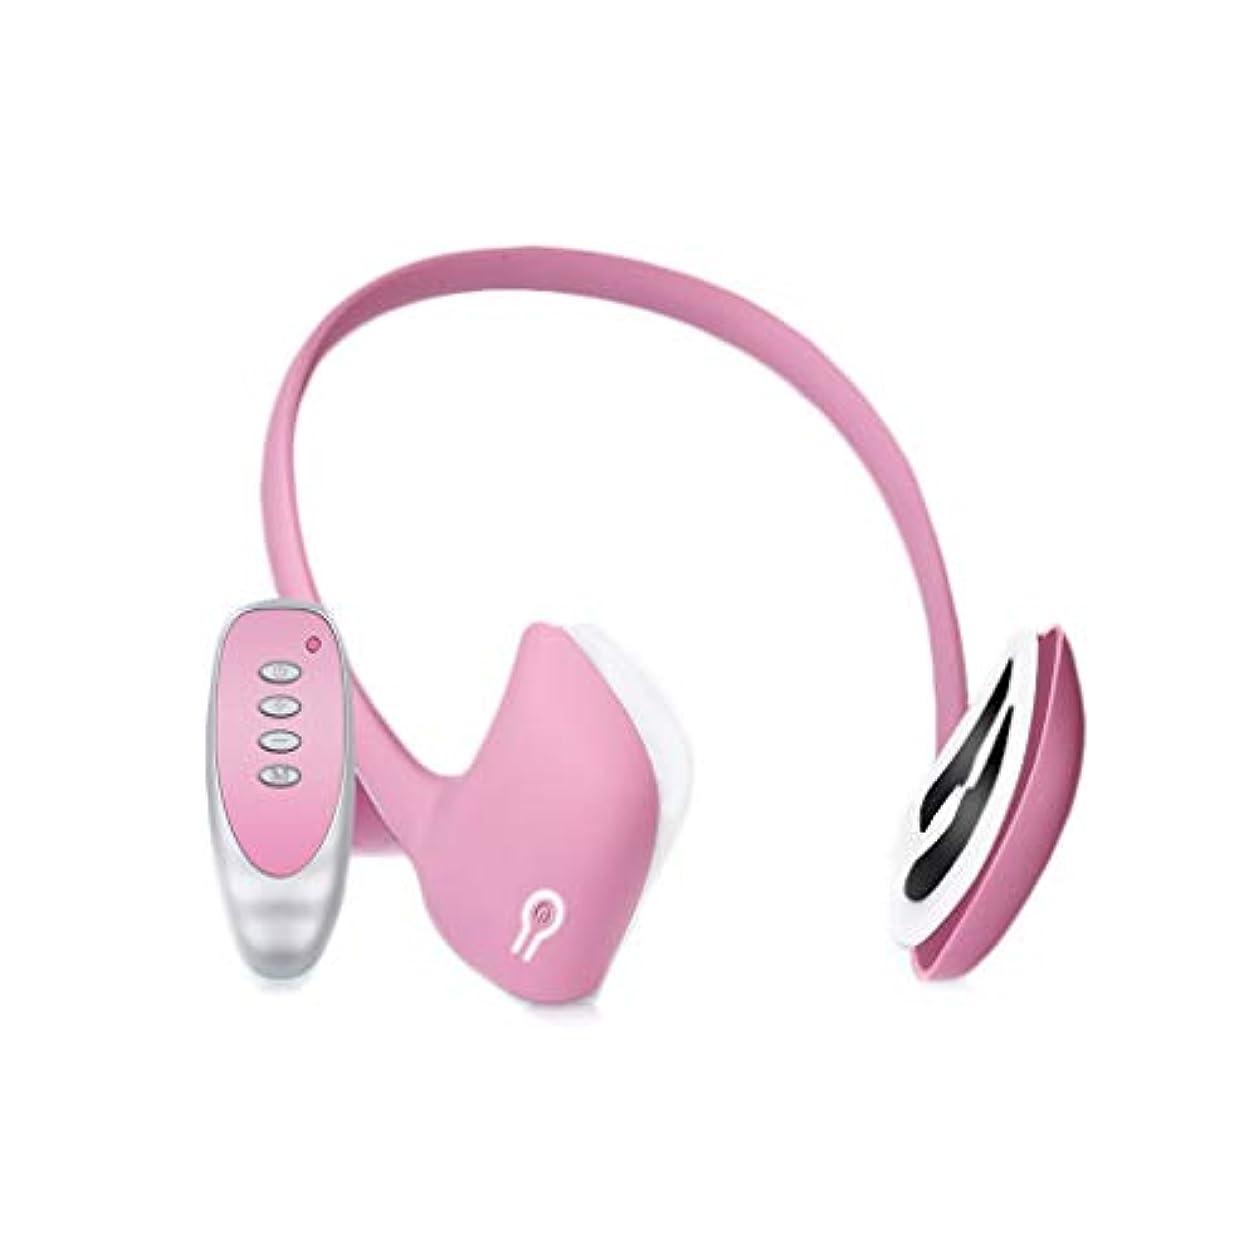 スモッグ再開リーXHLMRMJ フェイスリフティング器具、電動ツールマッサージャー、頬骨の薄い顔の引き締めの改善、フェイスブレース、多機能リフティング、男性と女性の両方に適しています (Color : Pink)